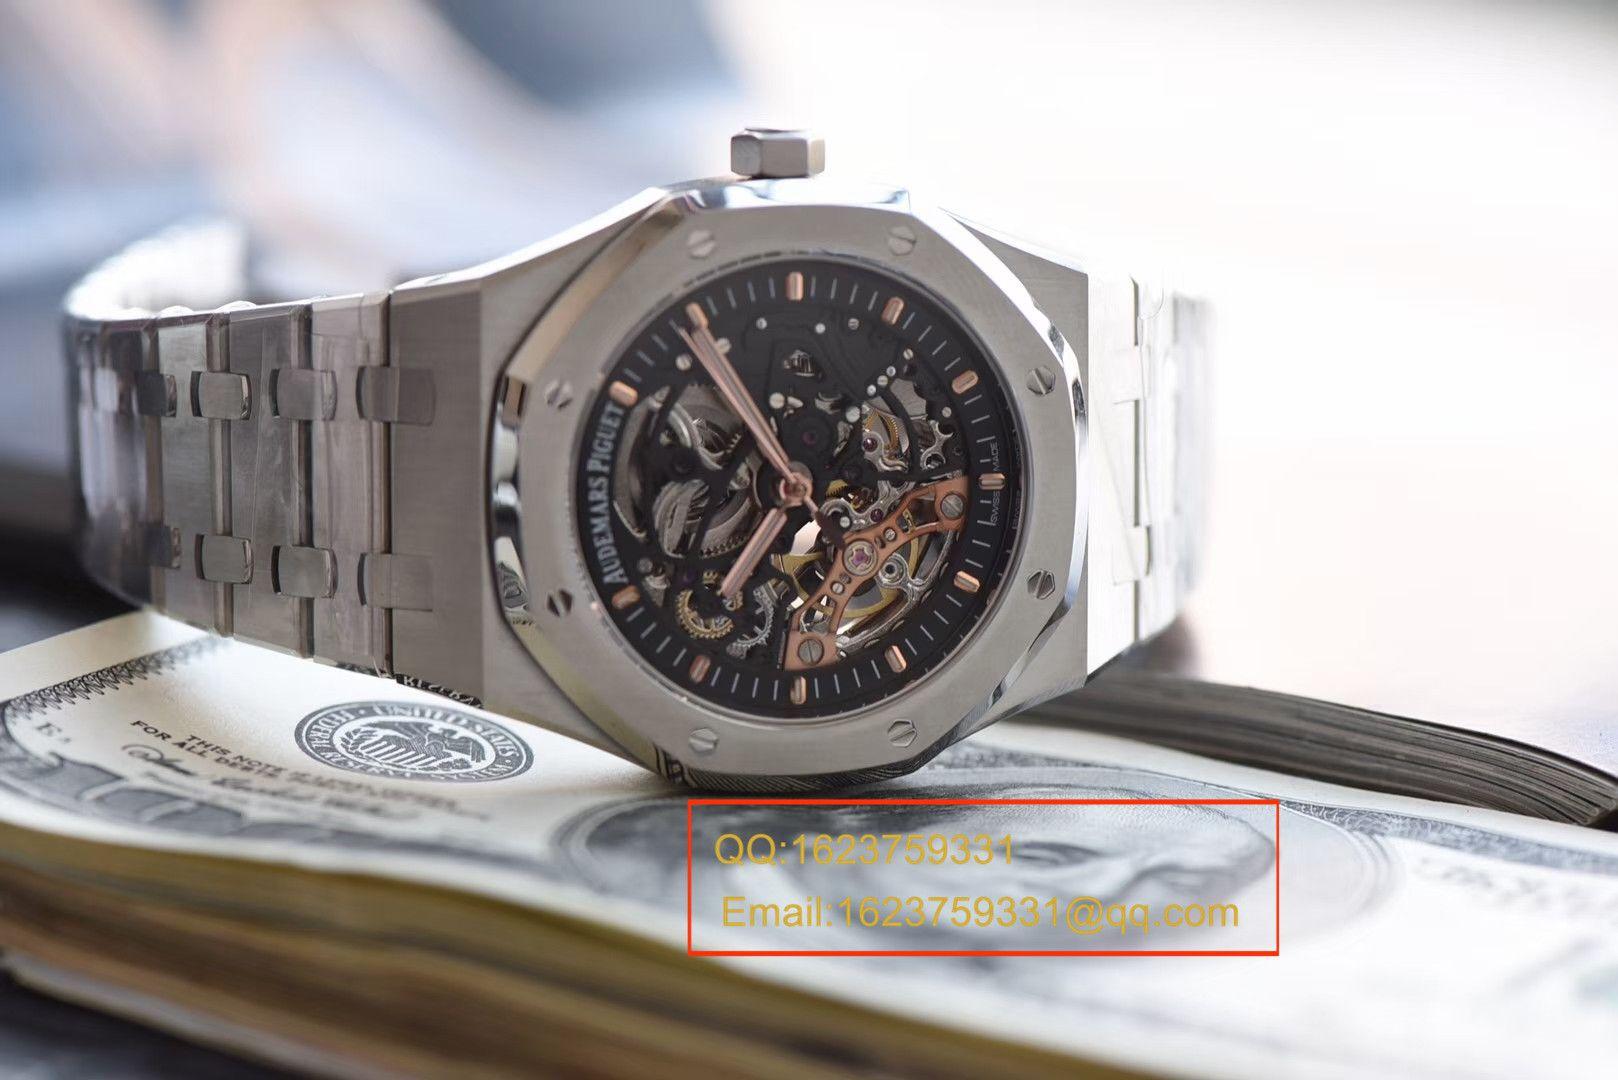 【视频评测JF一比一超A高仿手表】爱彼皇家橡树双摆轮镂空系列15407ST.OO.1220ST.01腕表